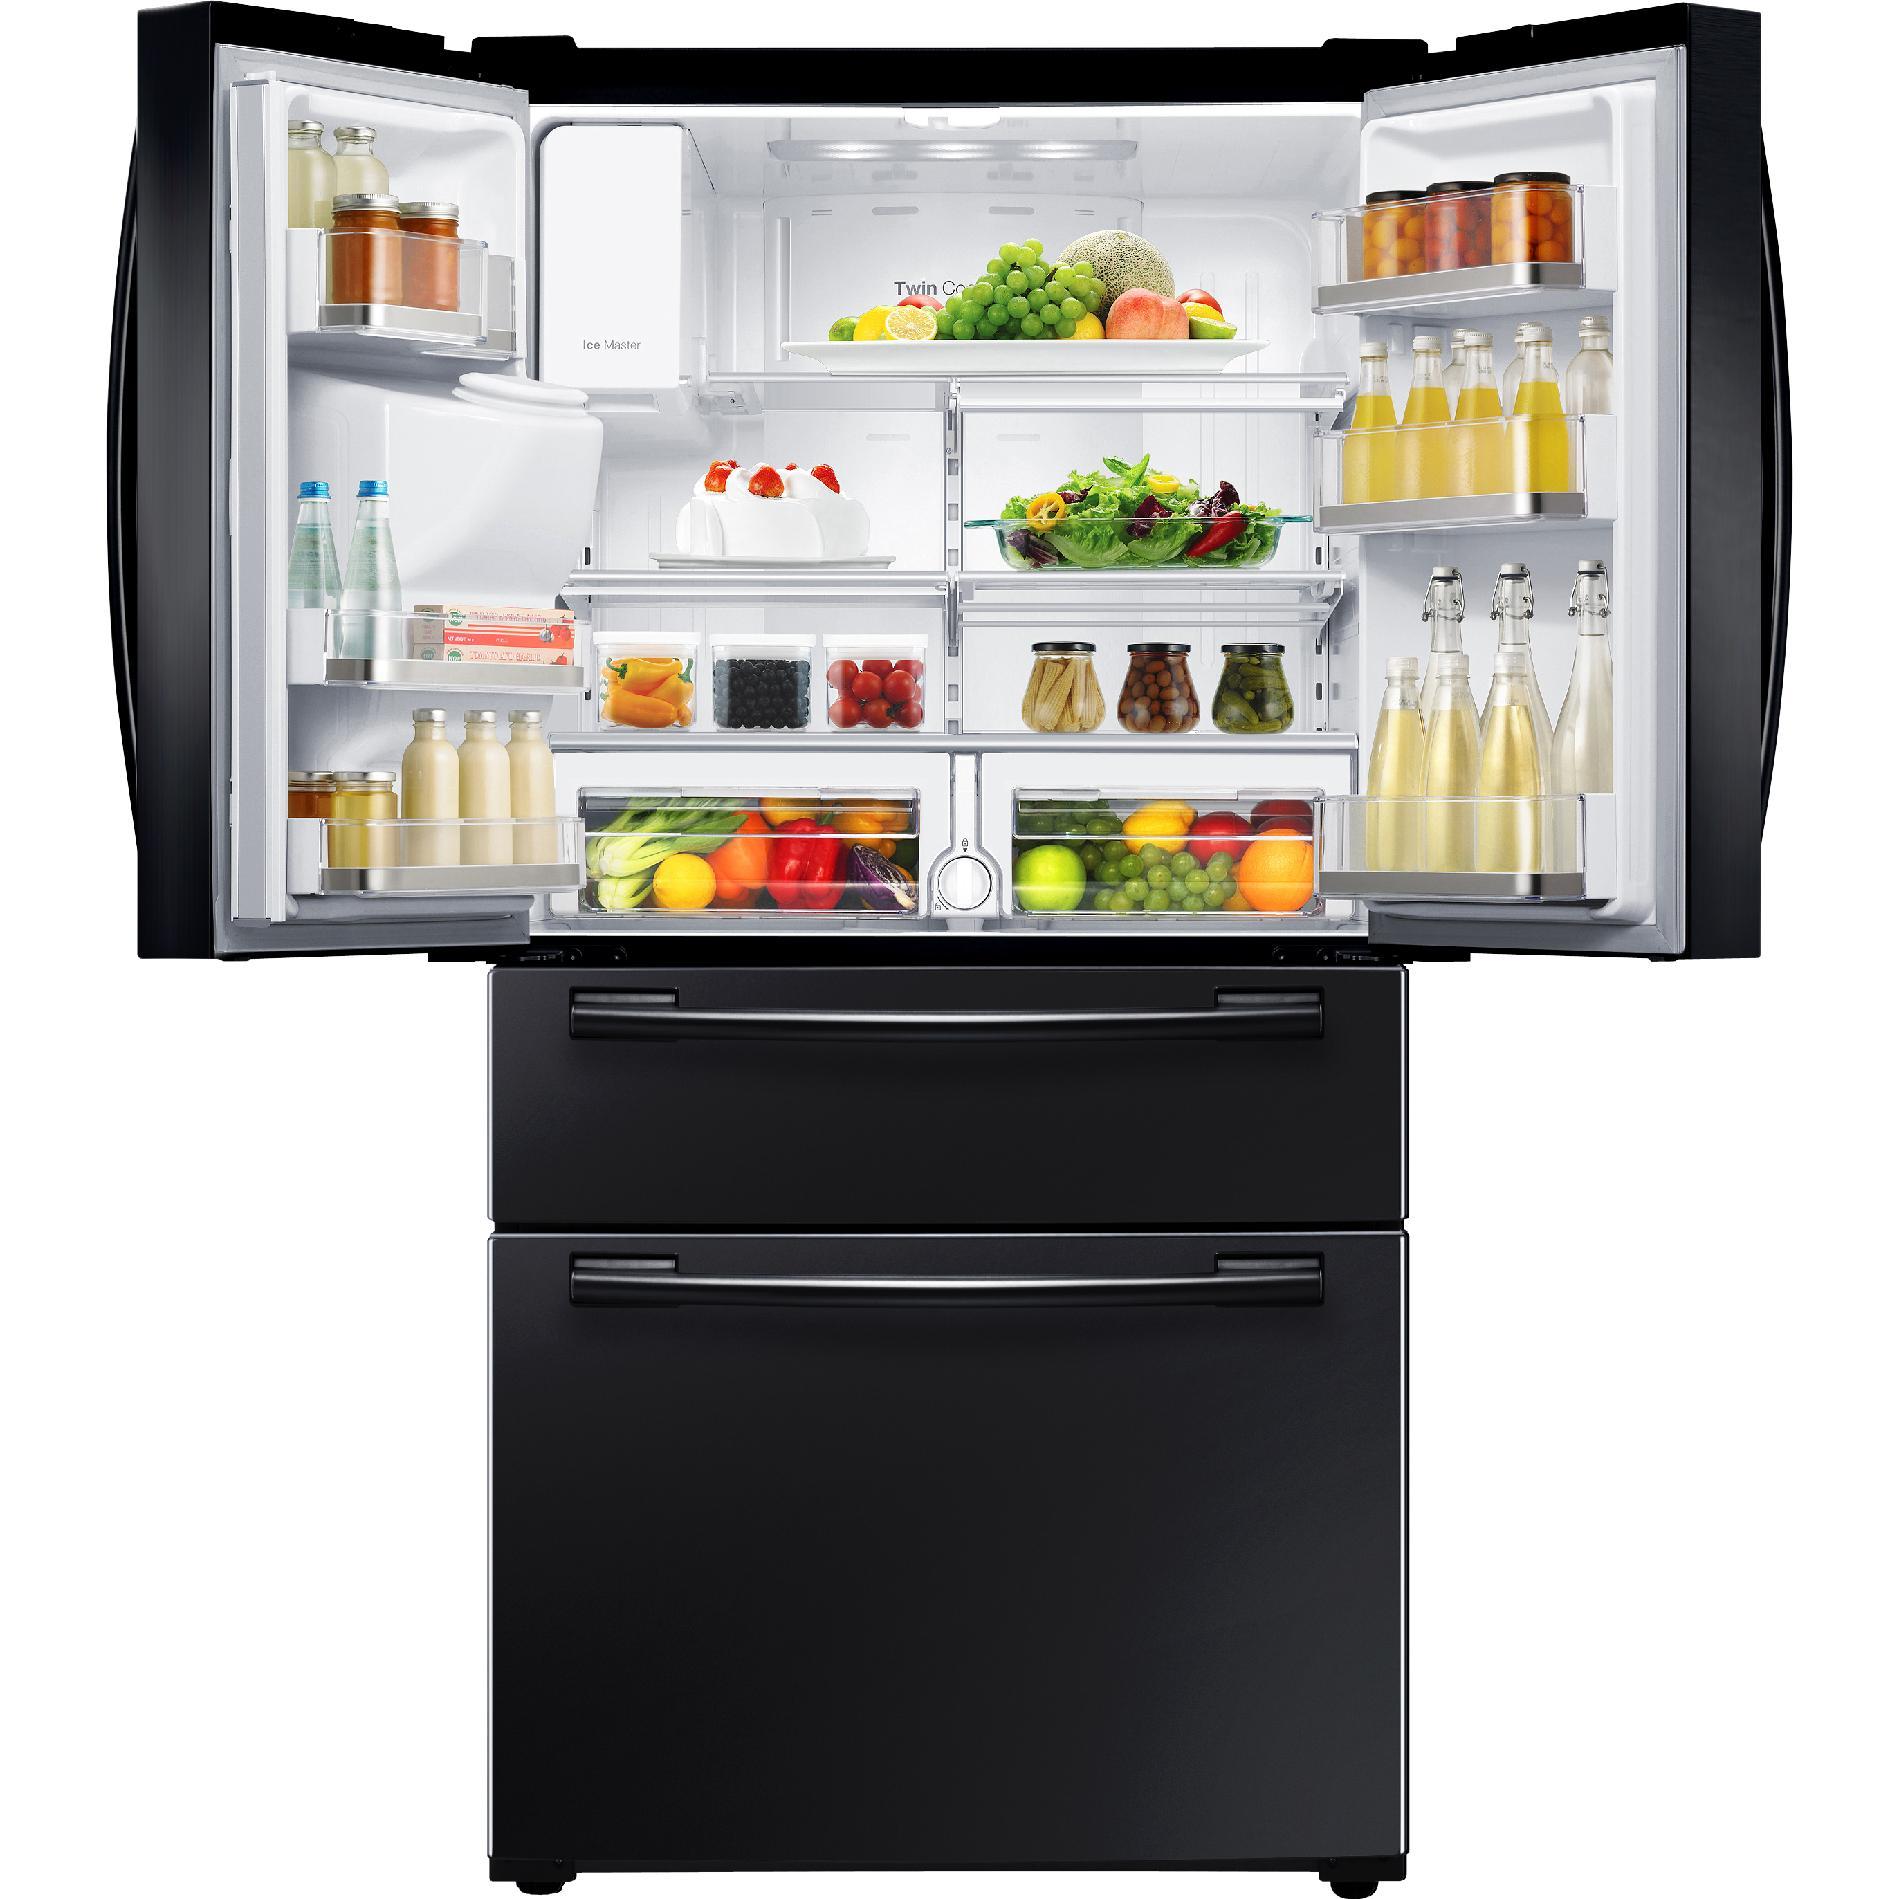 Samsung 25 cu. ft. 4-Door French Door Refrigerator - Black